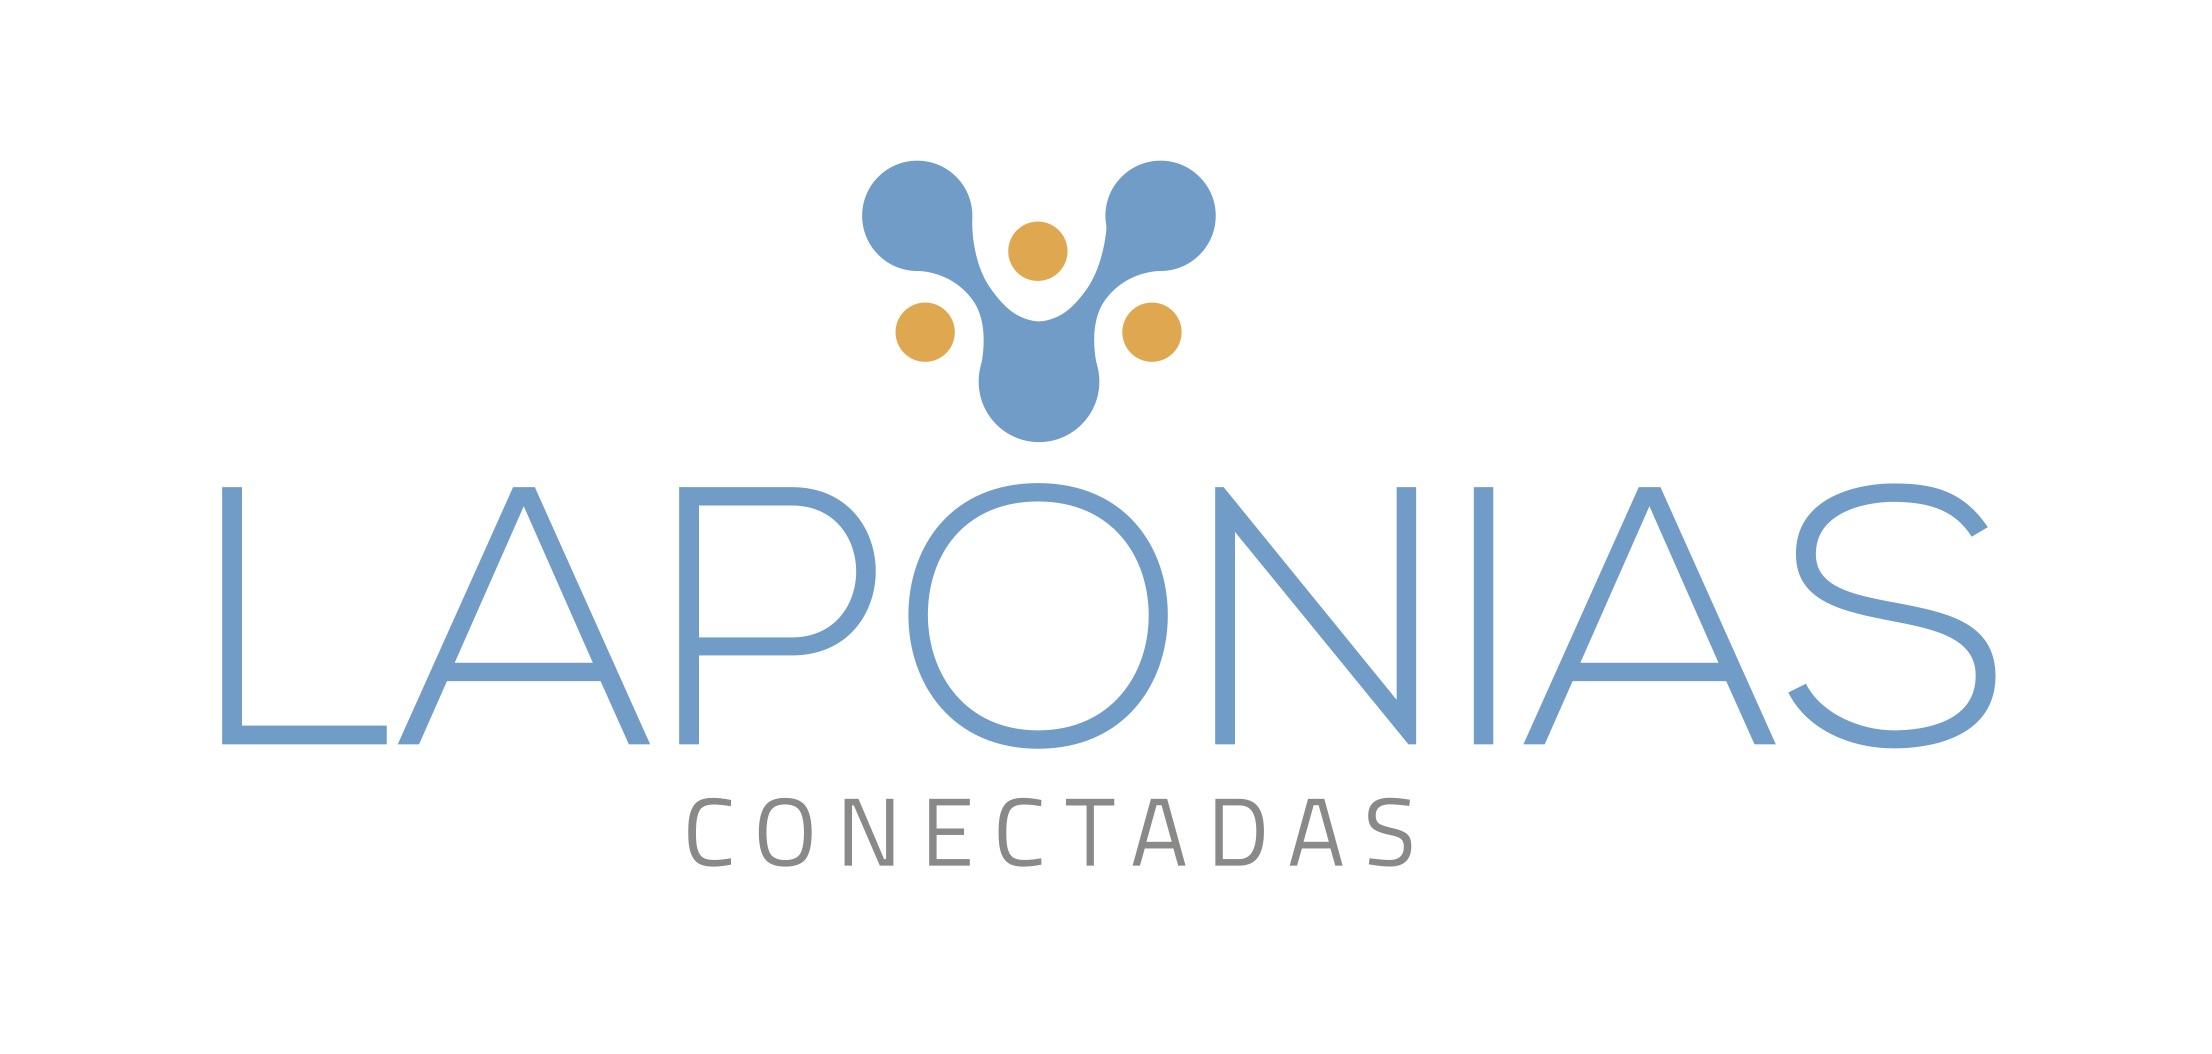 Los emprendedores del proyecto Laponias Conectadas se reúnen en Molinos (Teruel) para buscar ideas innovadoras contra la despoblación